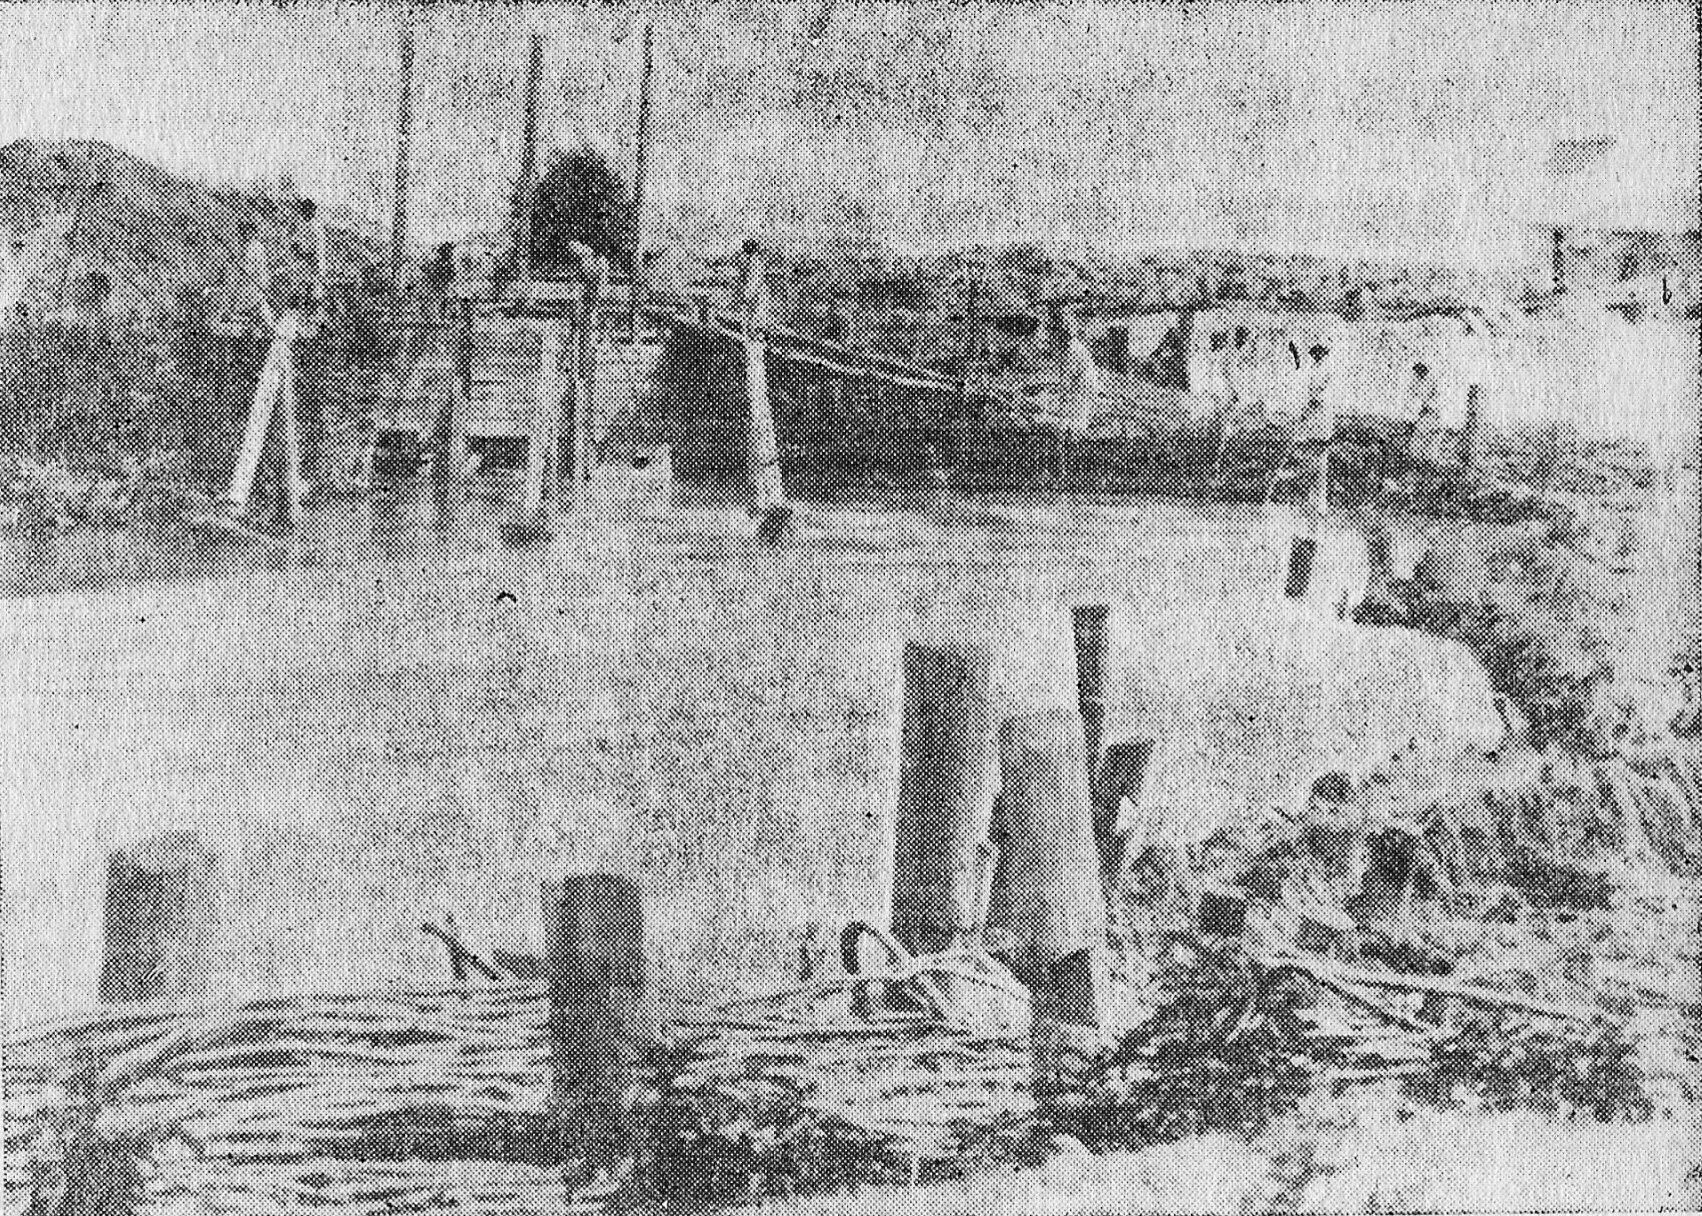 Lucrari de canalizare a Dambovitei in 1884 sub conducerea inginerului Alexandre Boisquerin